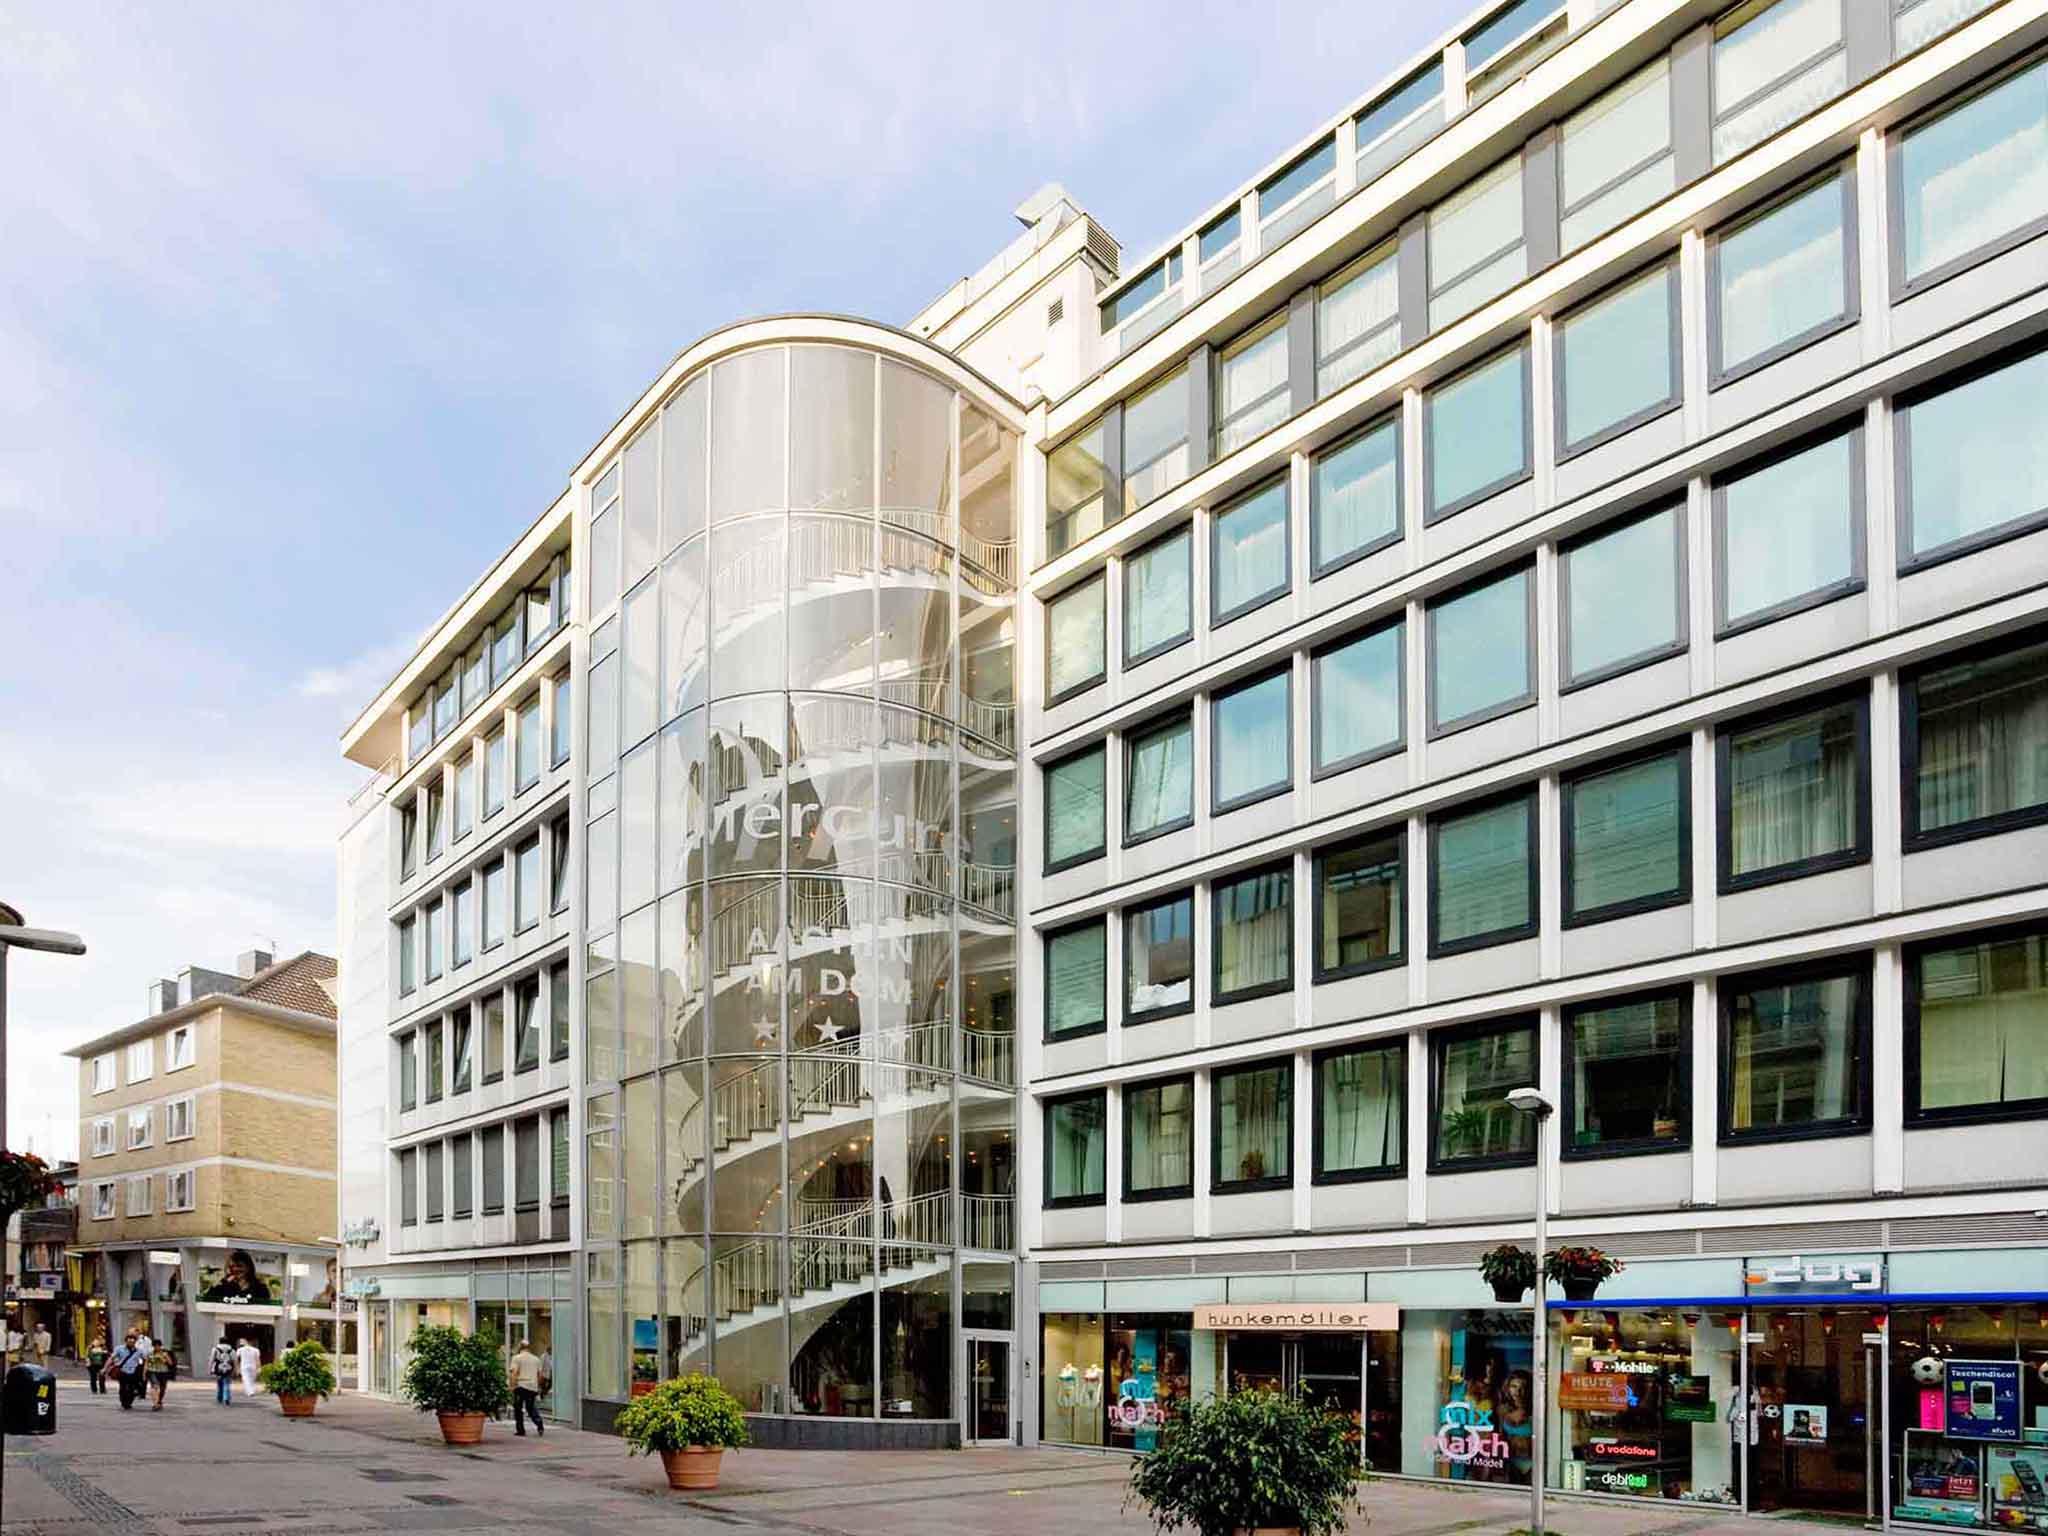 Hotel - Mercure Hotel Aachen am Dom